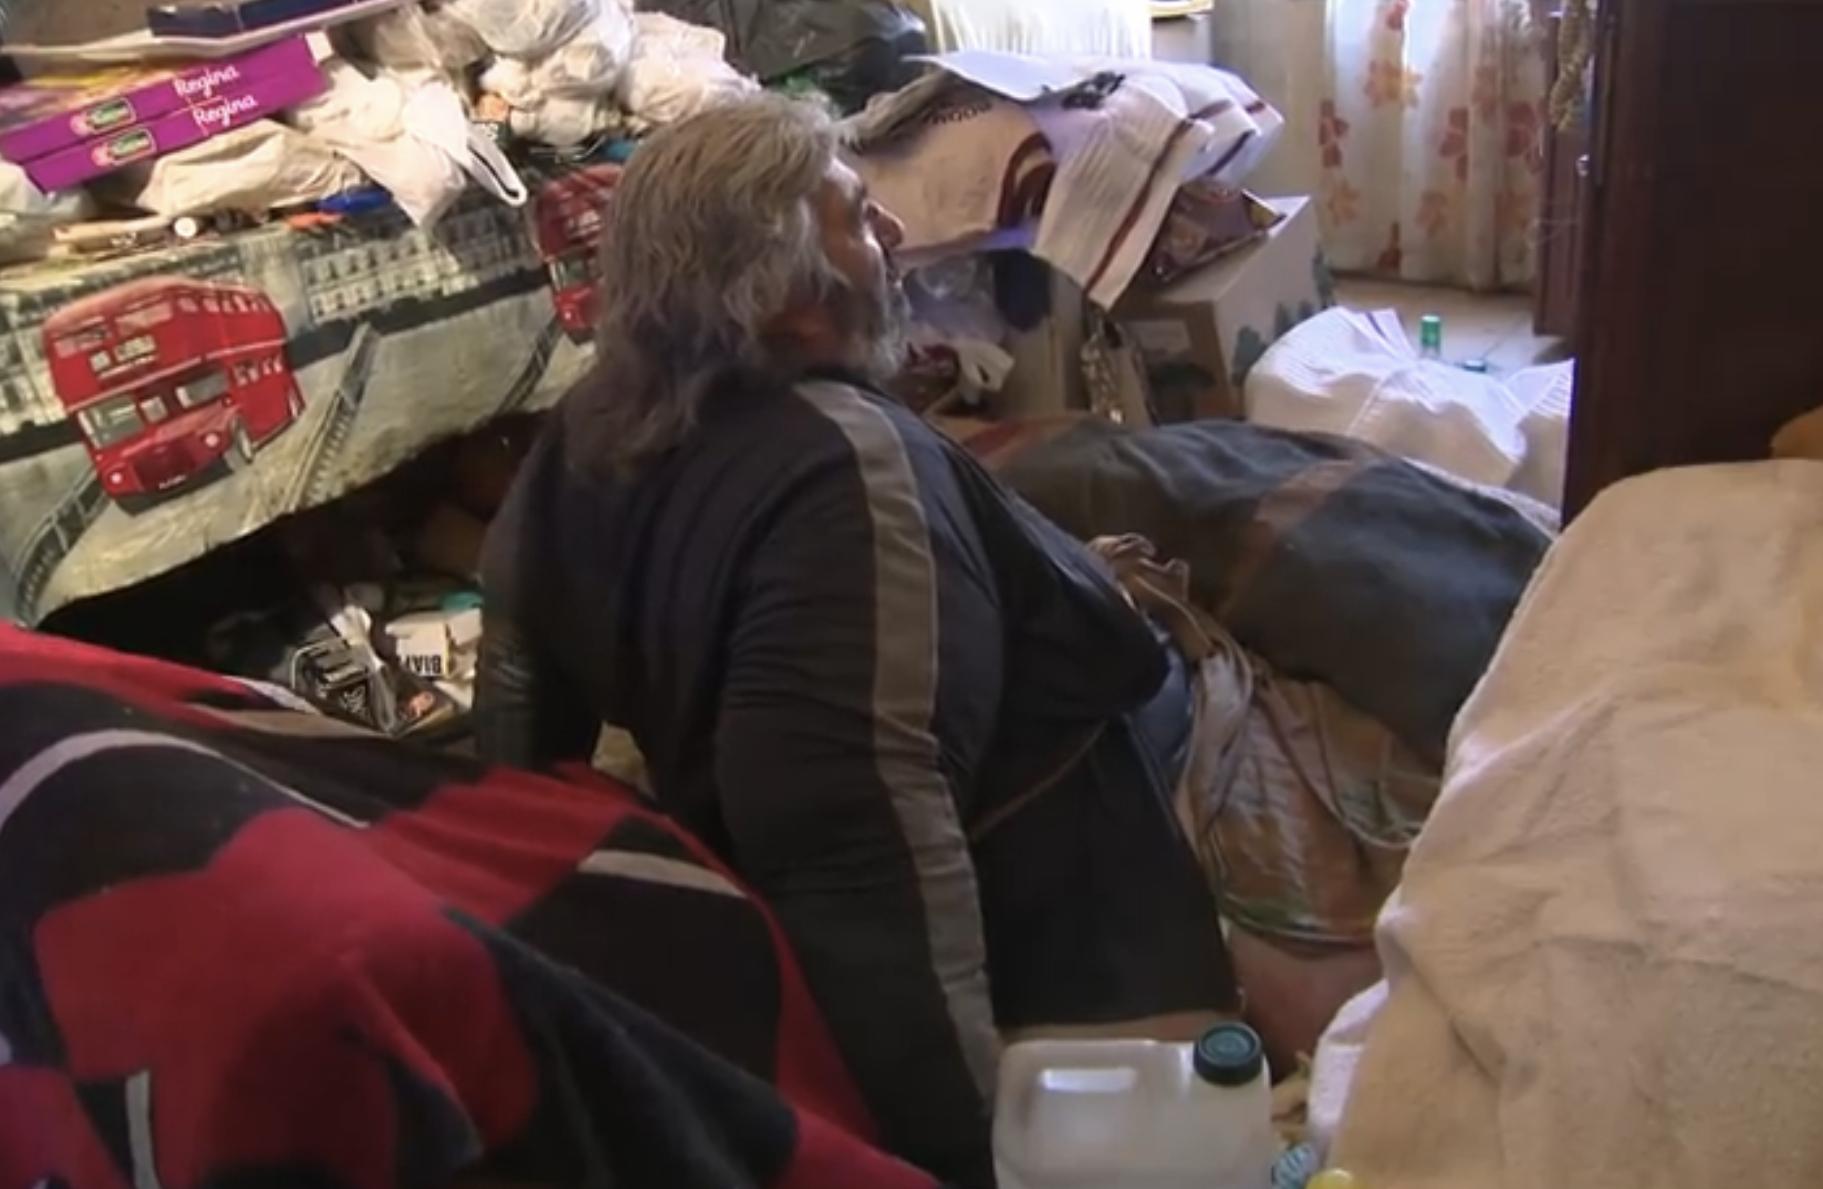 Le calvaire d'Alain, atteint d'obésité massive, bloqué chez lui à Perpignan, attend désespérément son évacuation